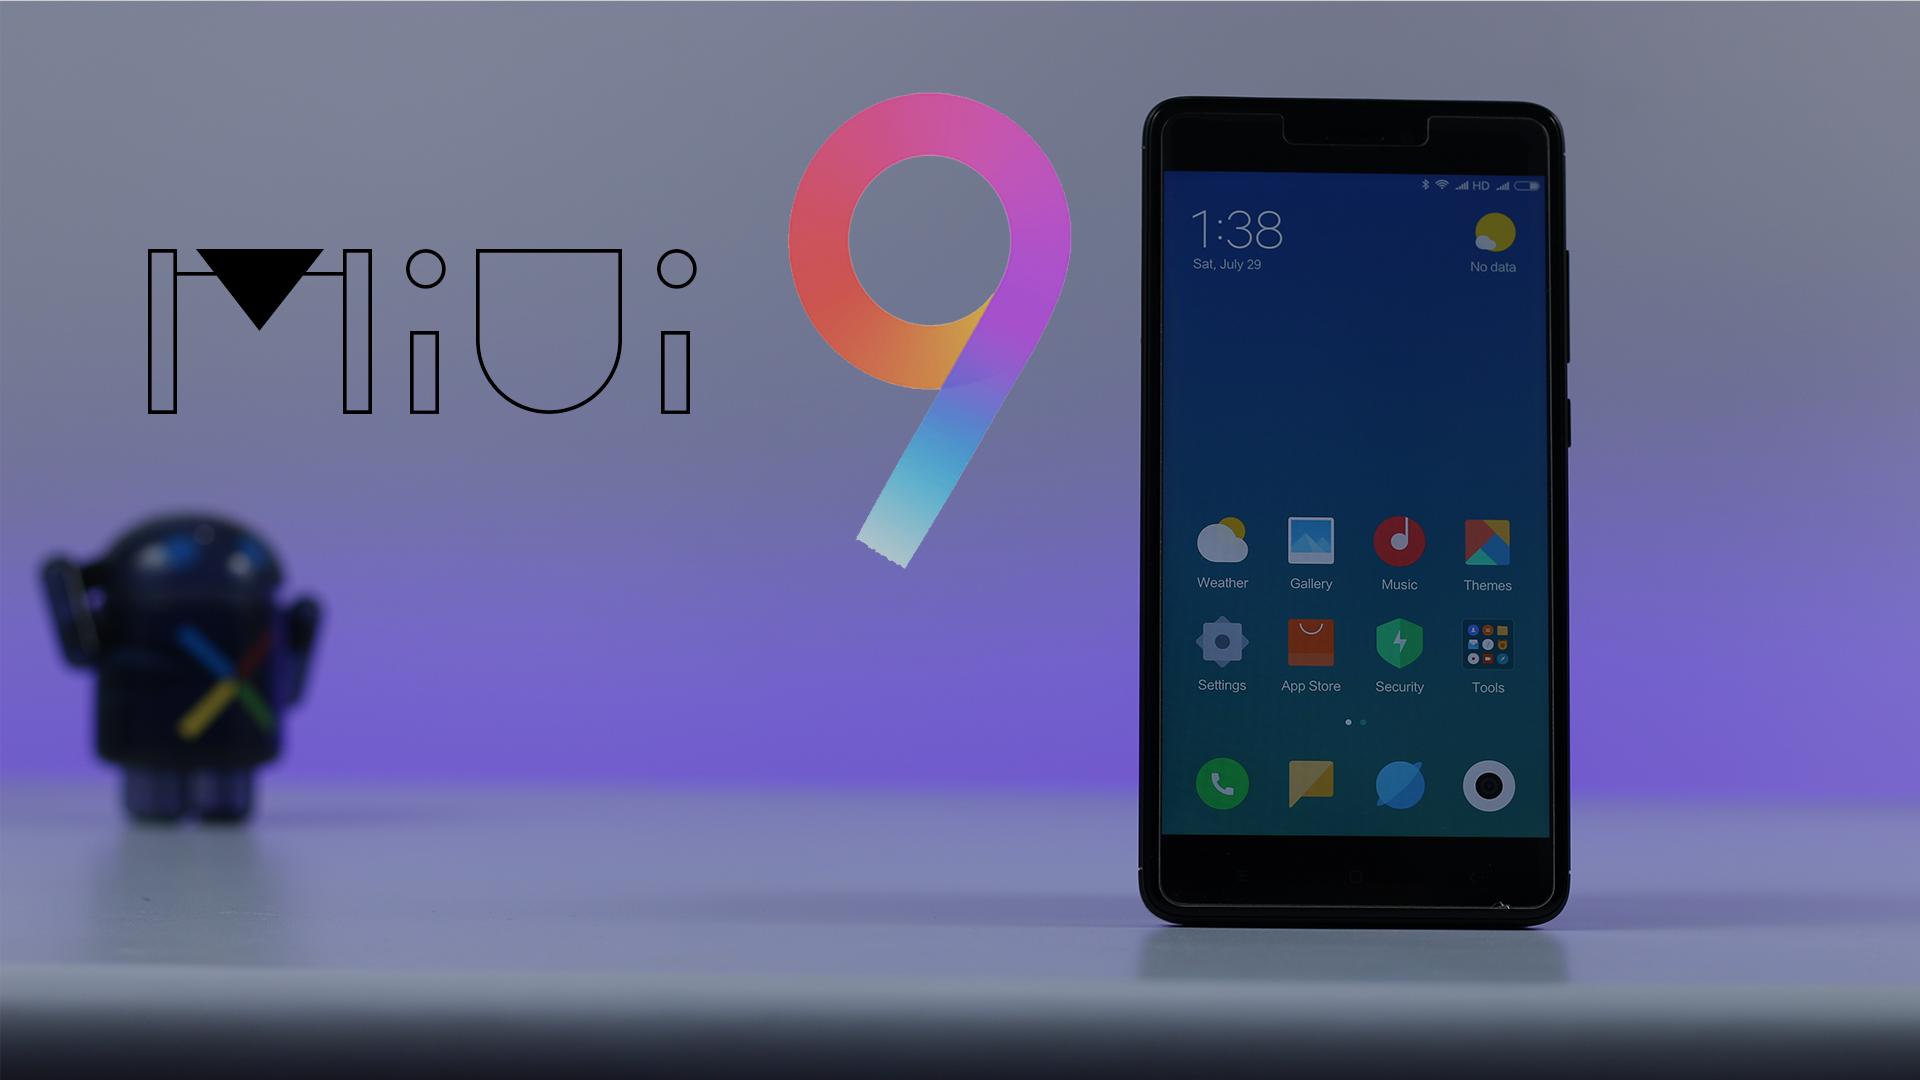 MIUI 9 For Redmi Note 4